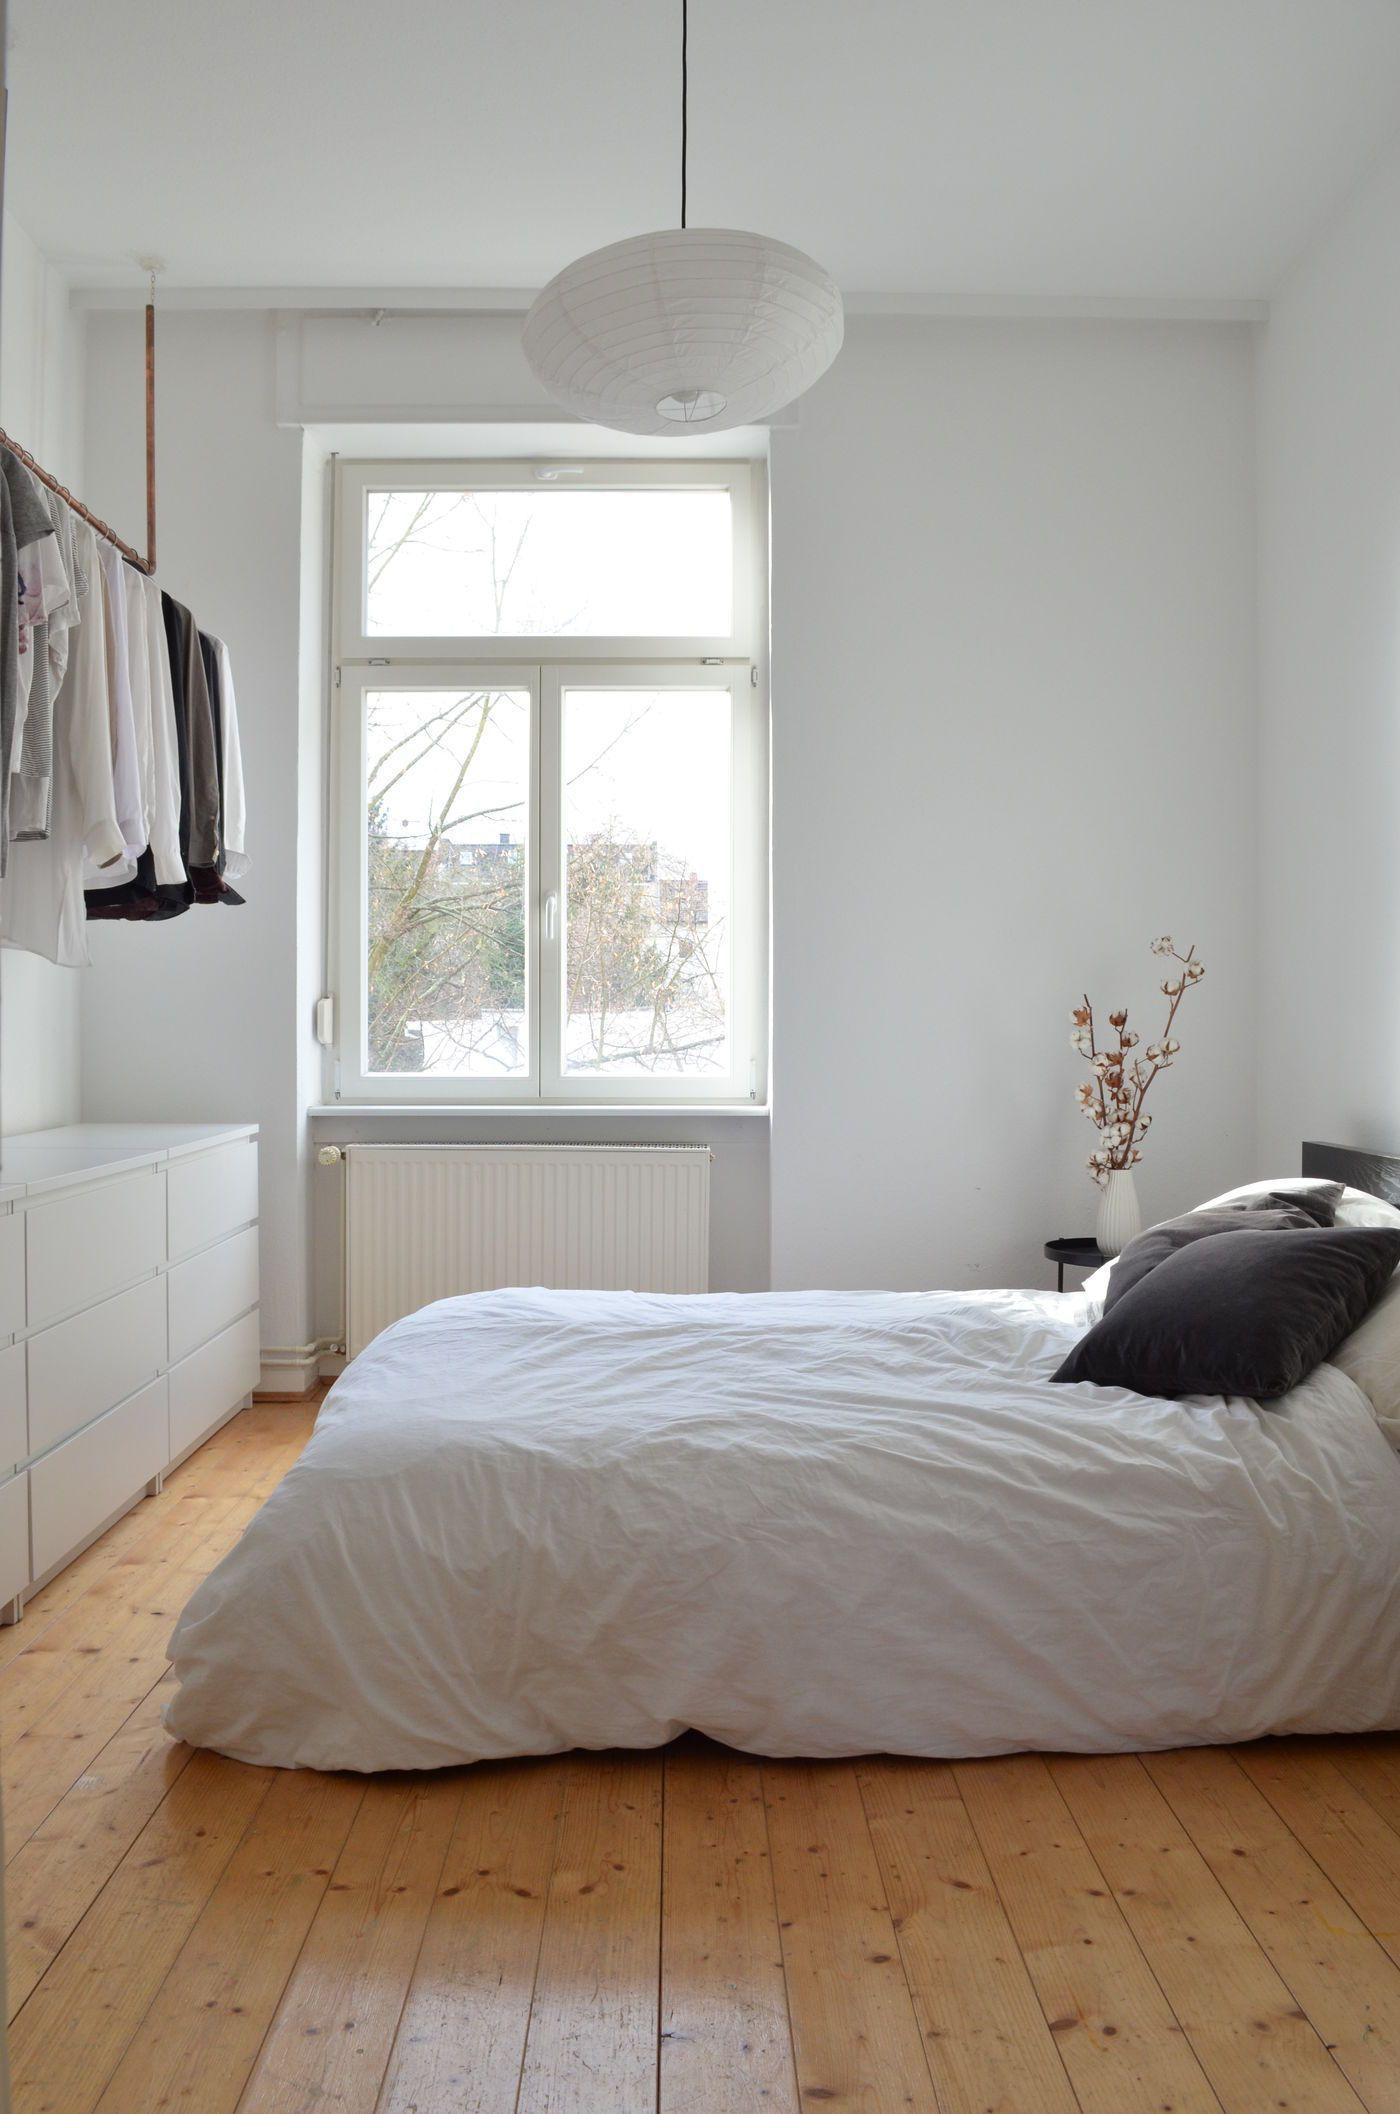 Die Schonsten Ideen Fur Dein Ikea Schlafzimmer Minimalist Home Home Room